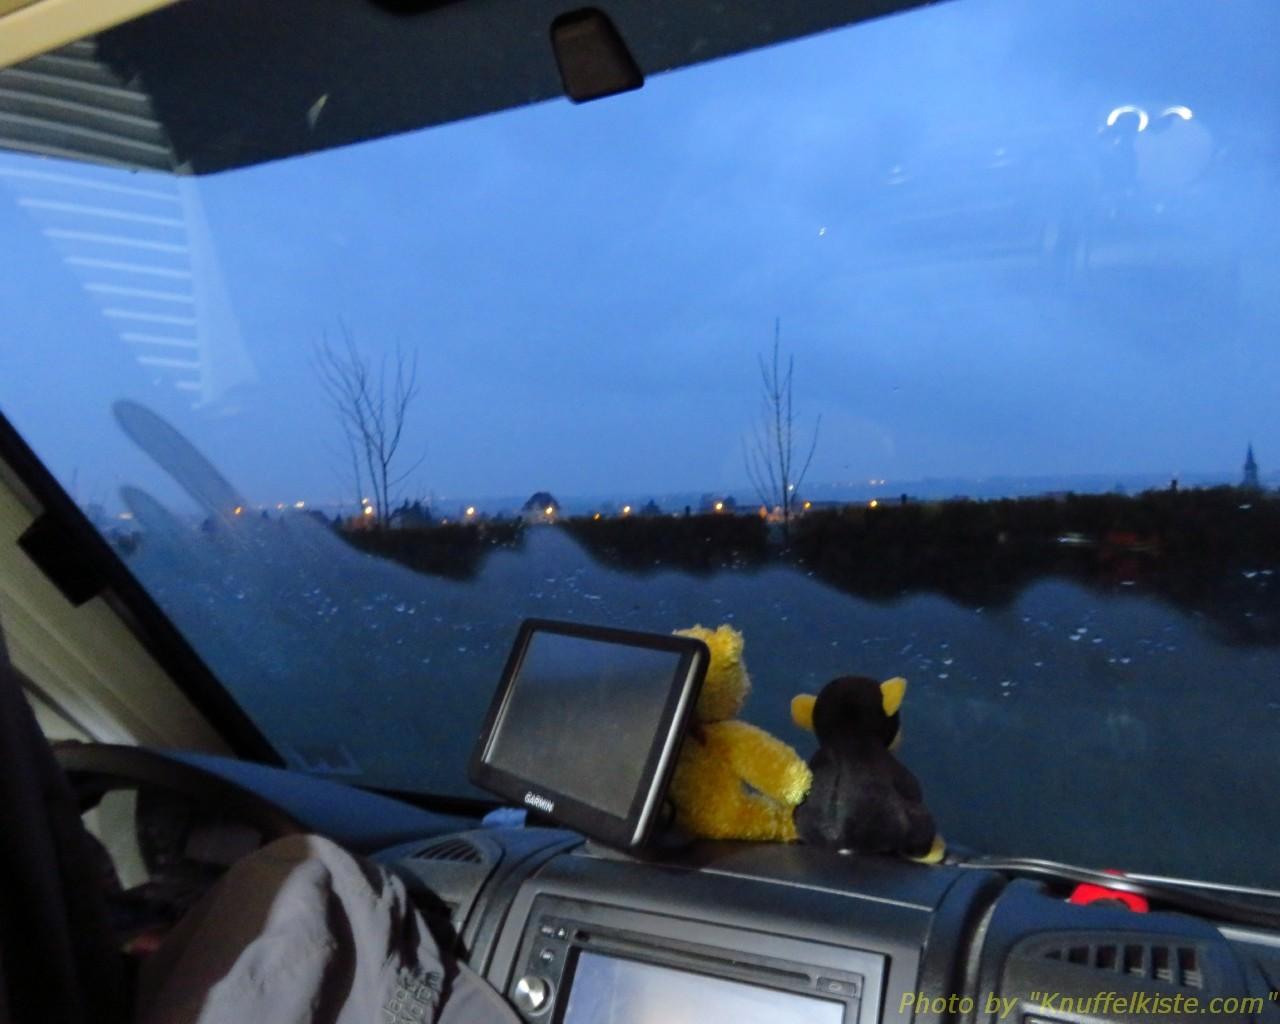 am Morgen im Kastenwagen...Nachttemperatur 3 Grad!